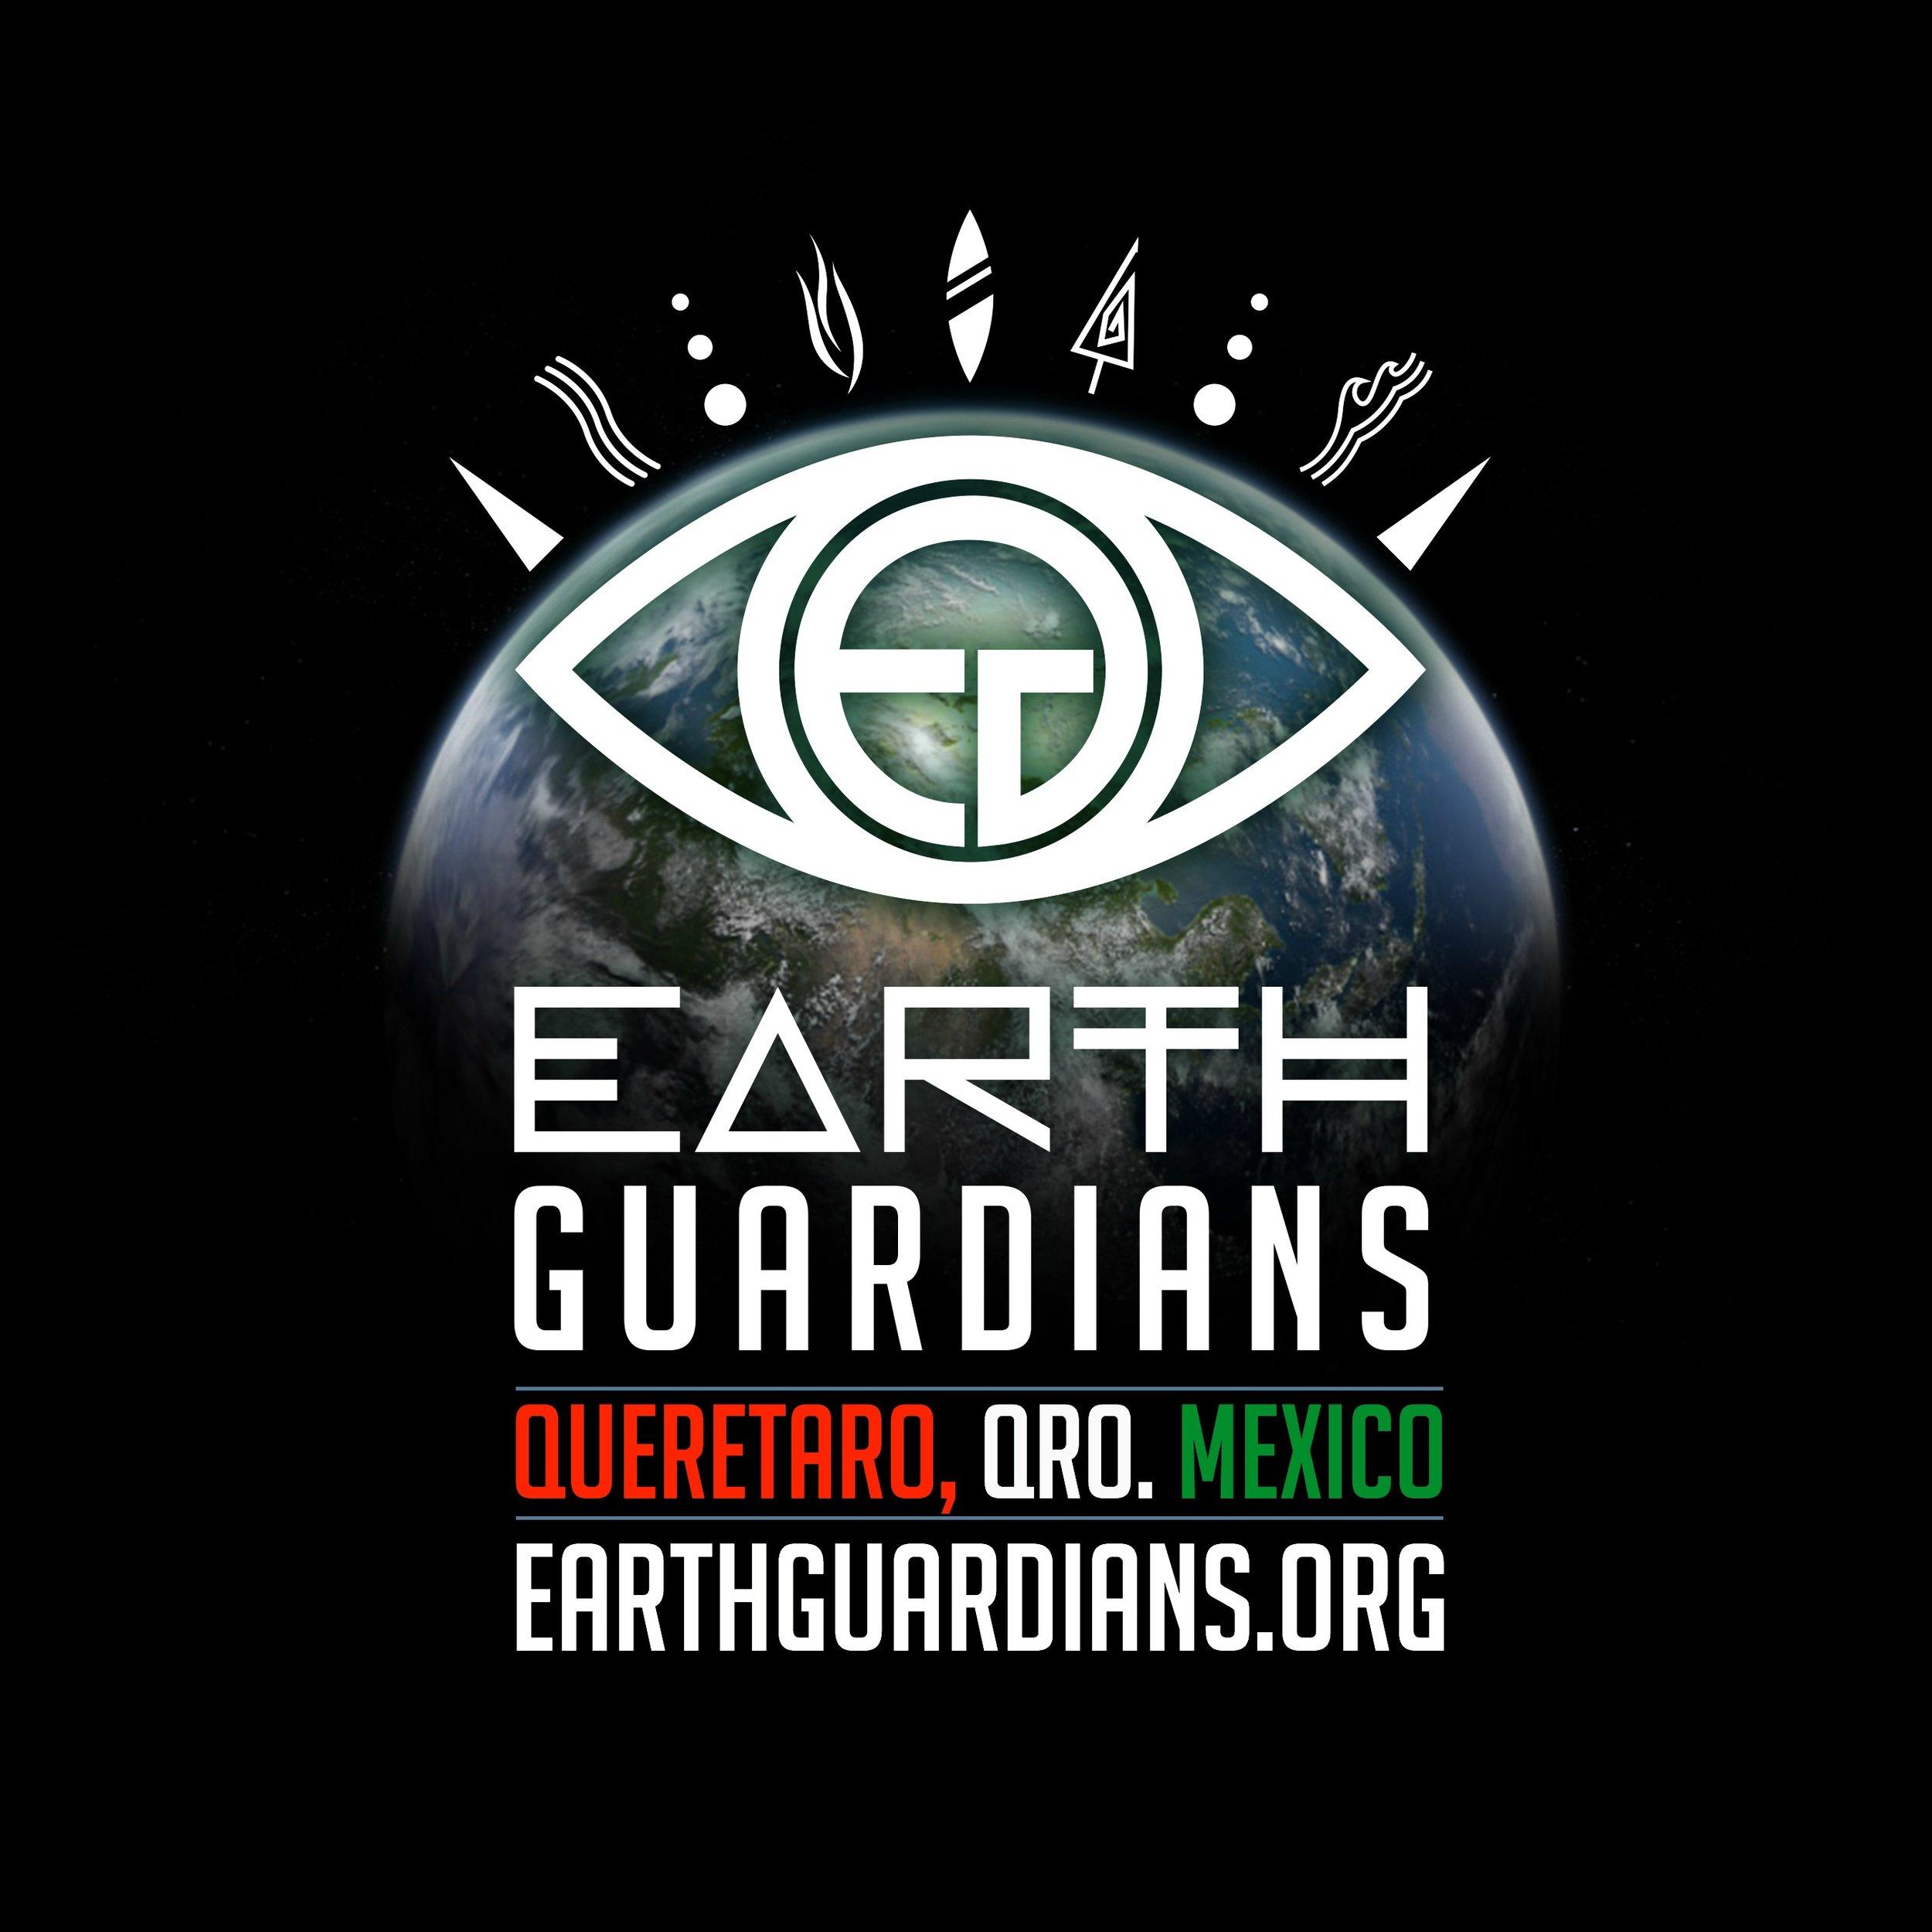 EG_crew logo QUERETARO.jpg